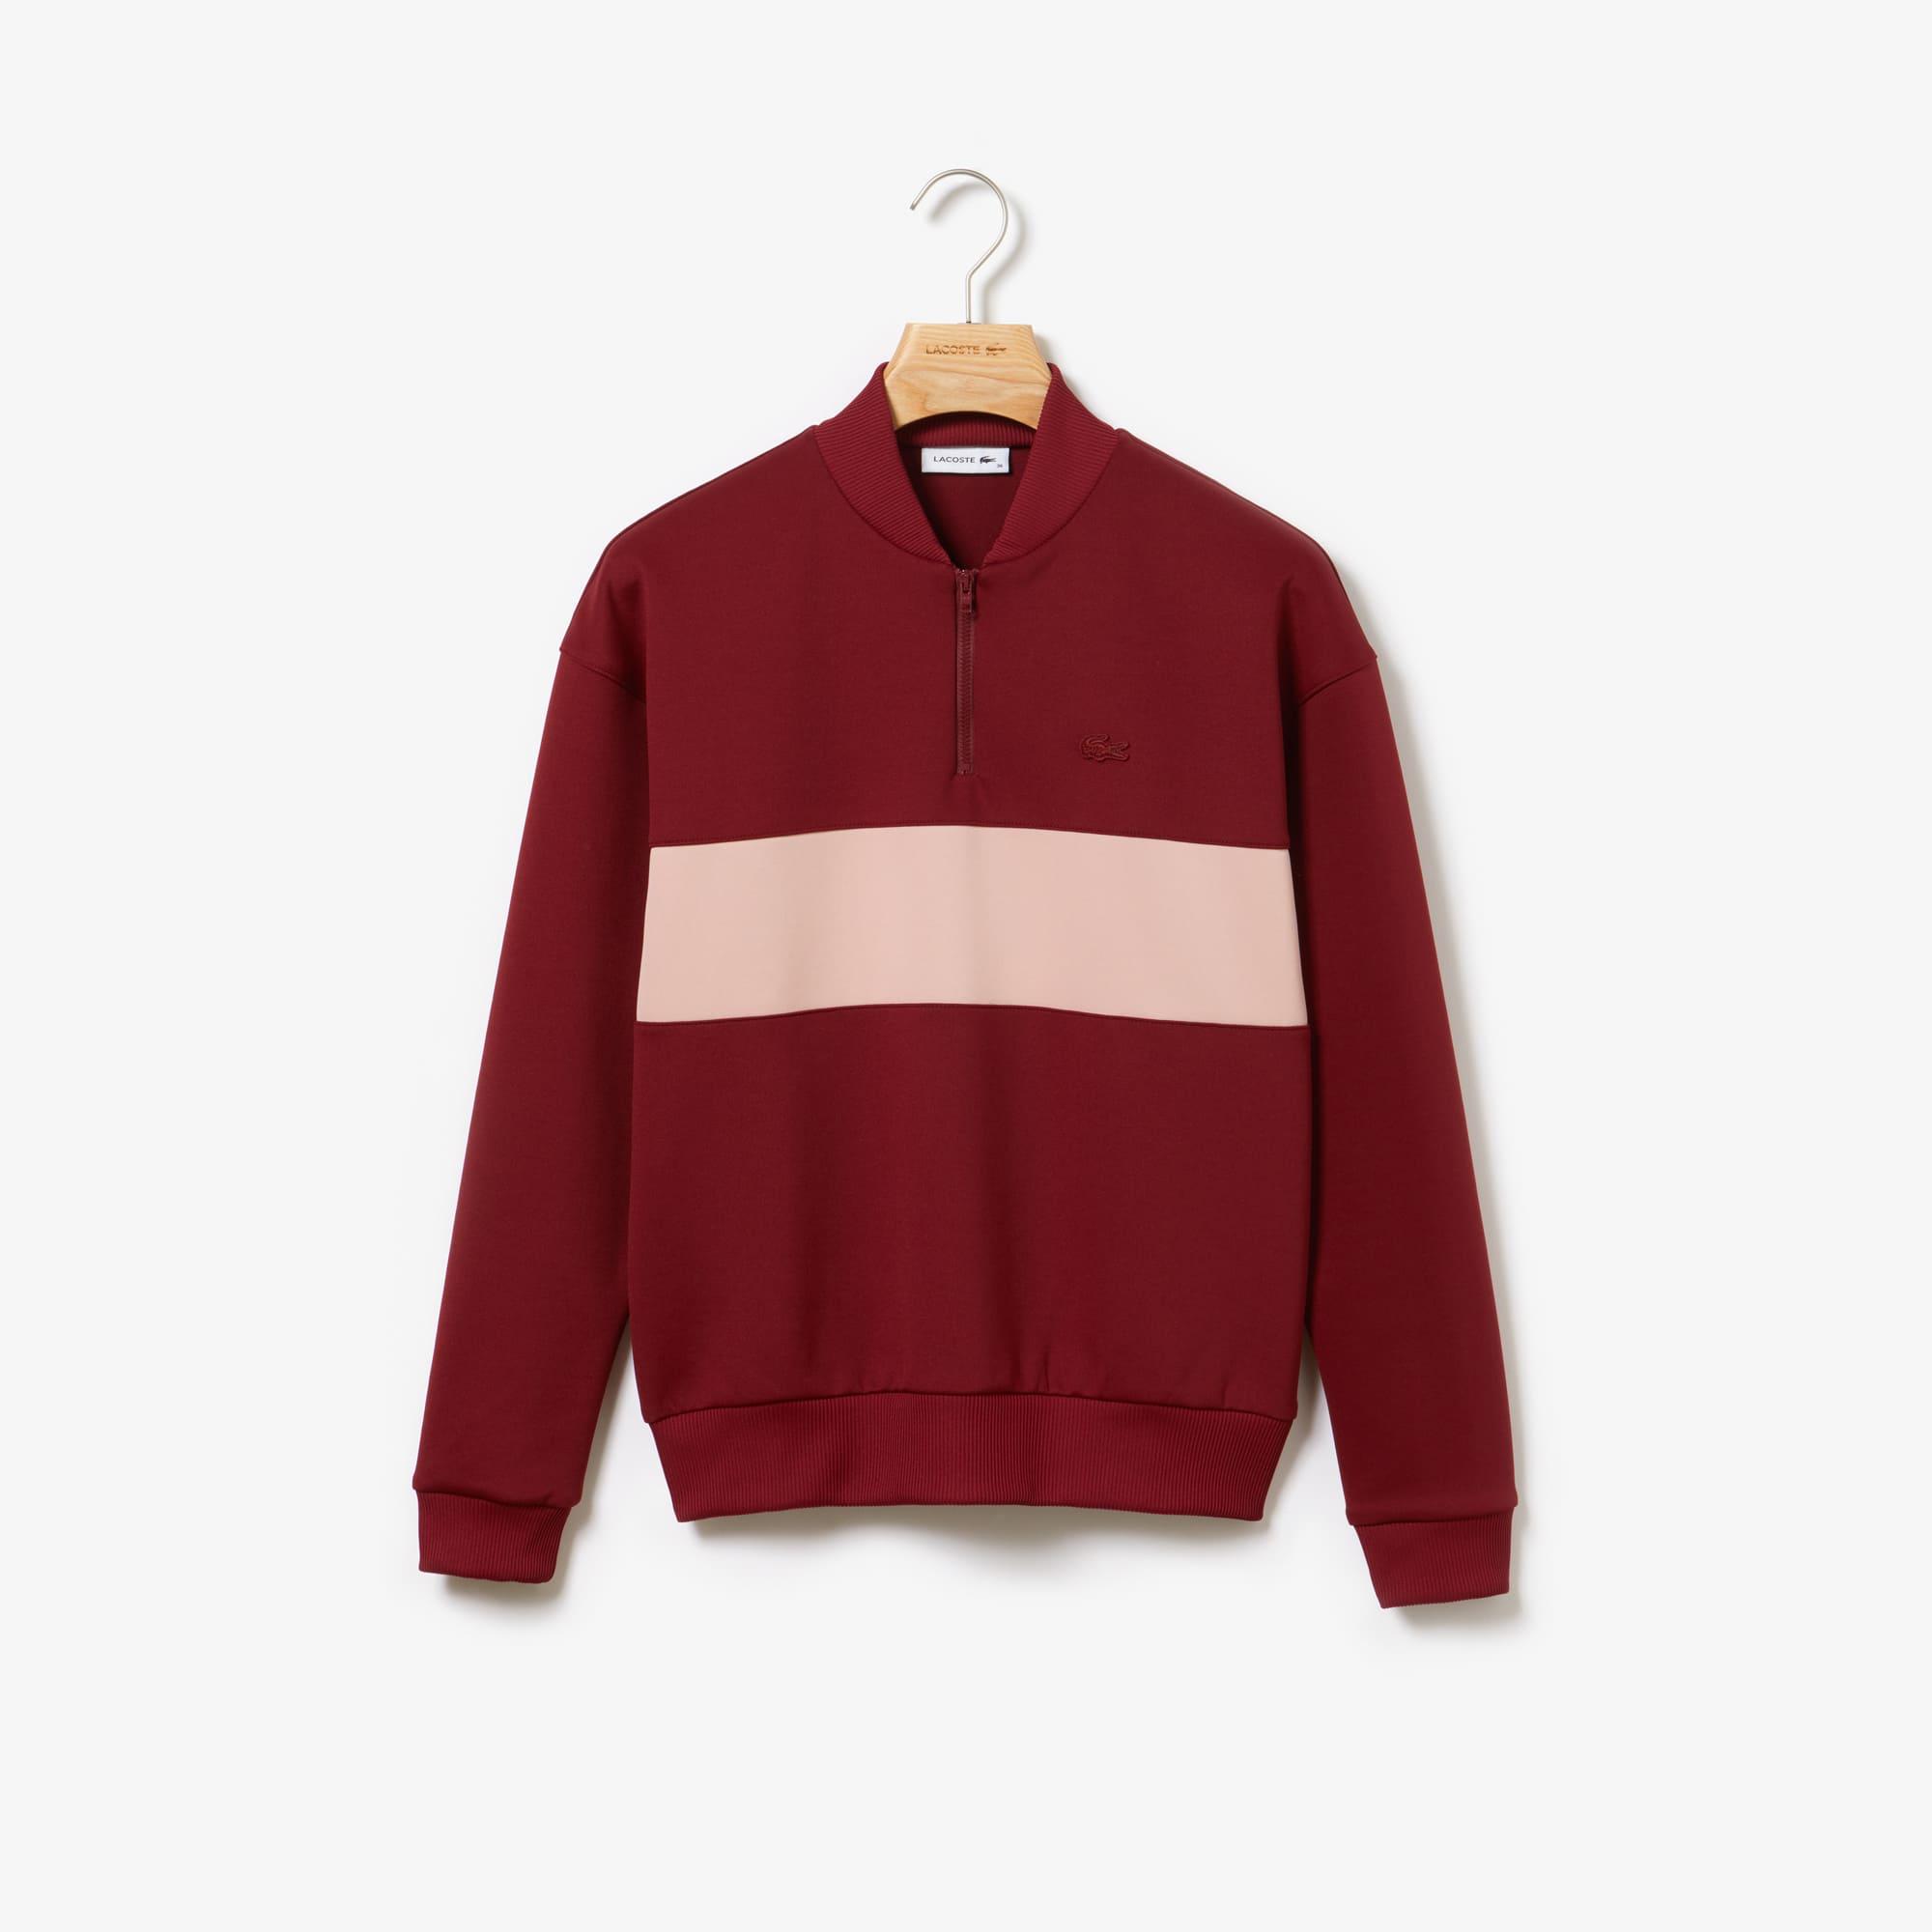 9dab53baf3 Women's Neoprene Sweatshirt